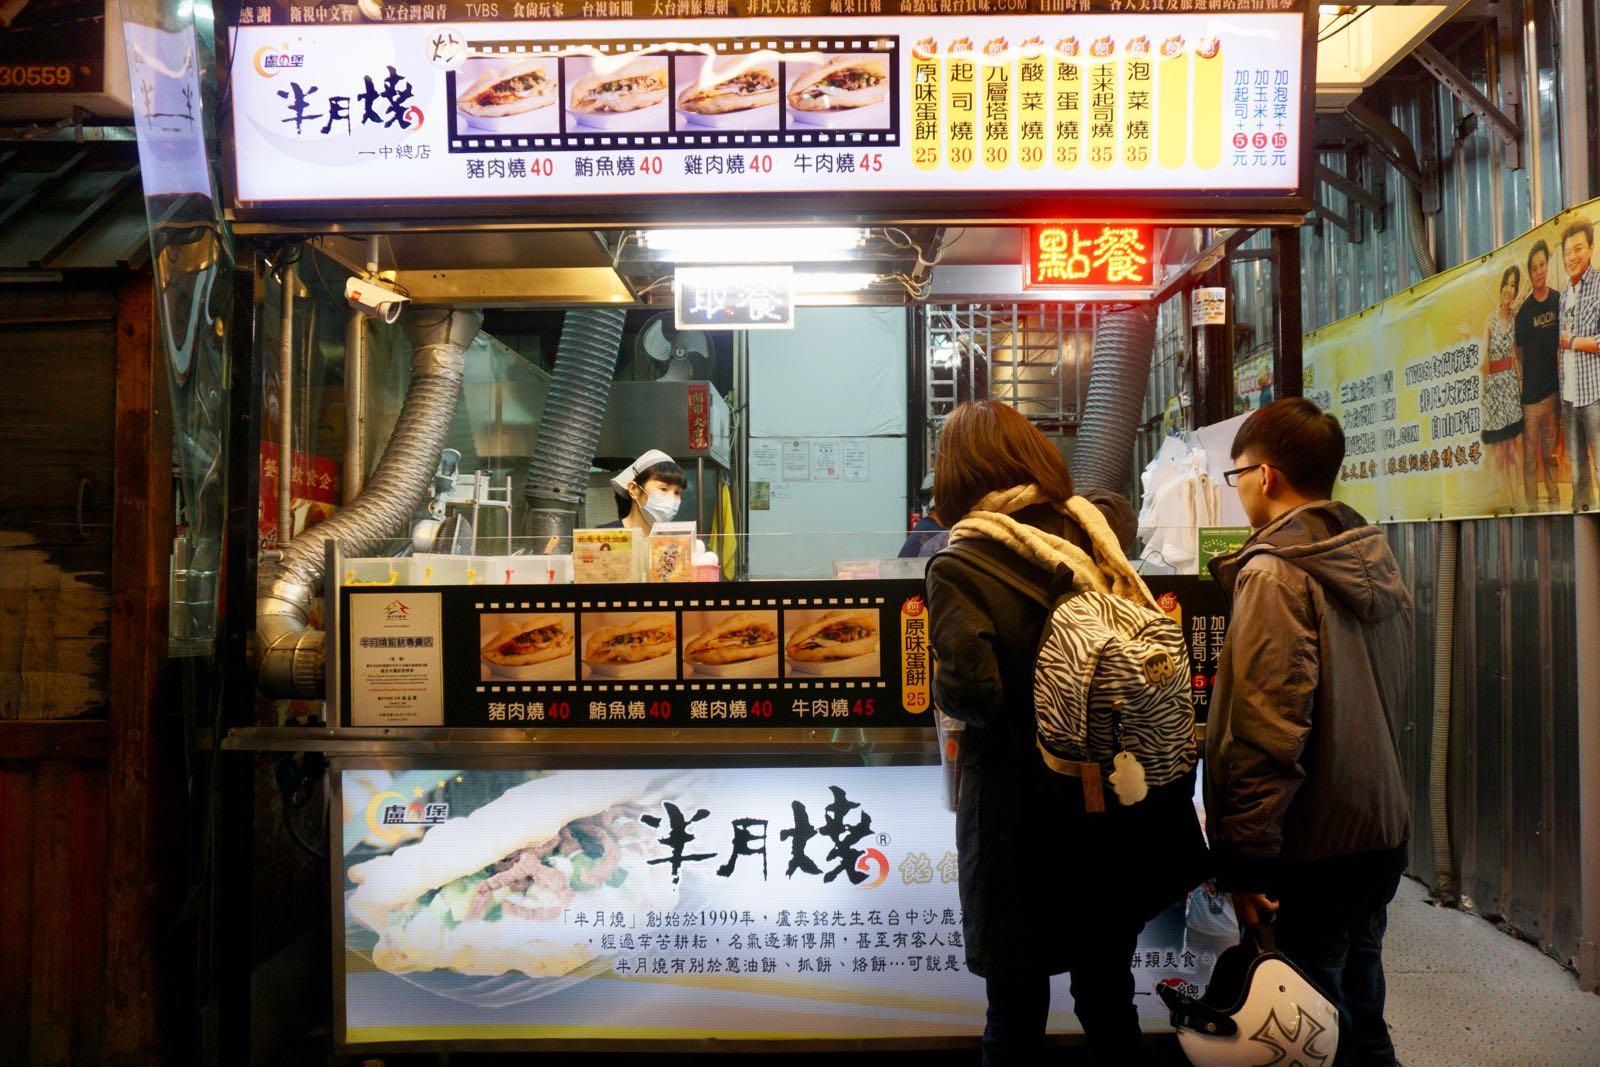 Ban Yue Shau Yizhong Street Taichung